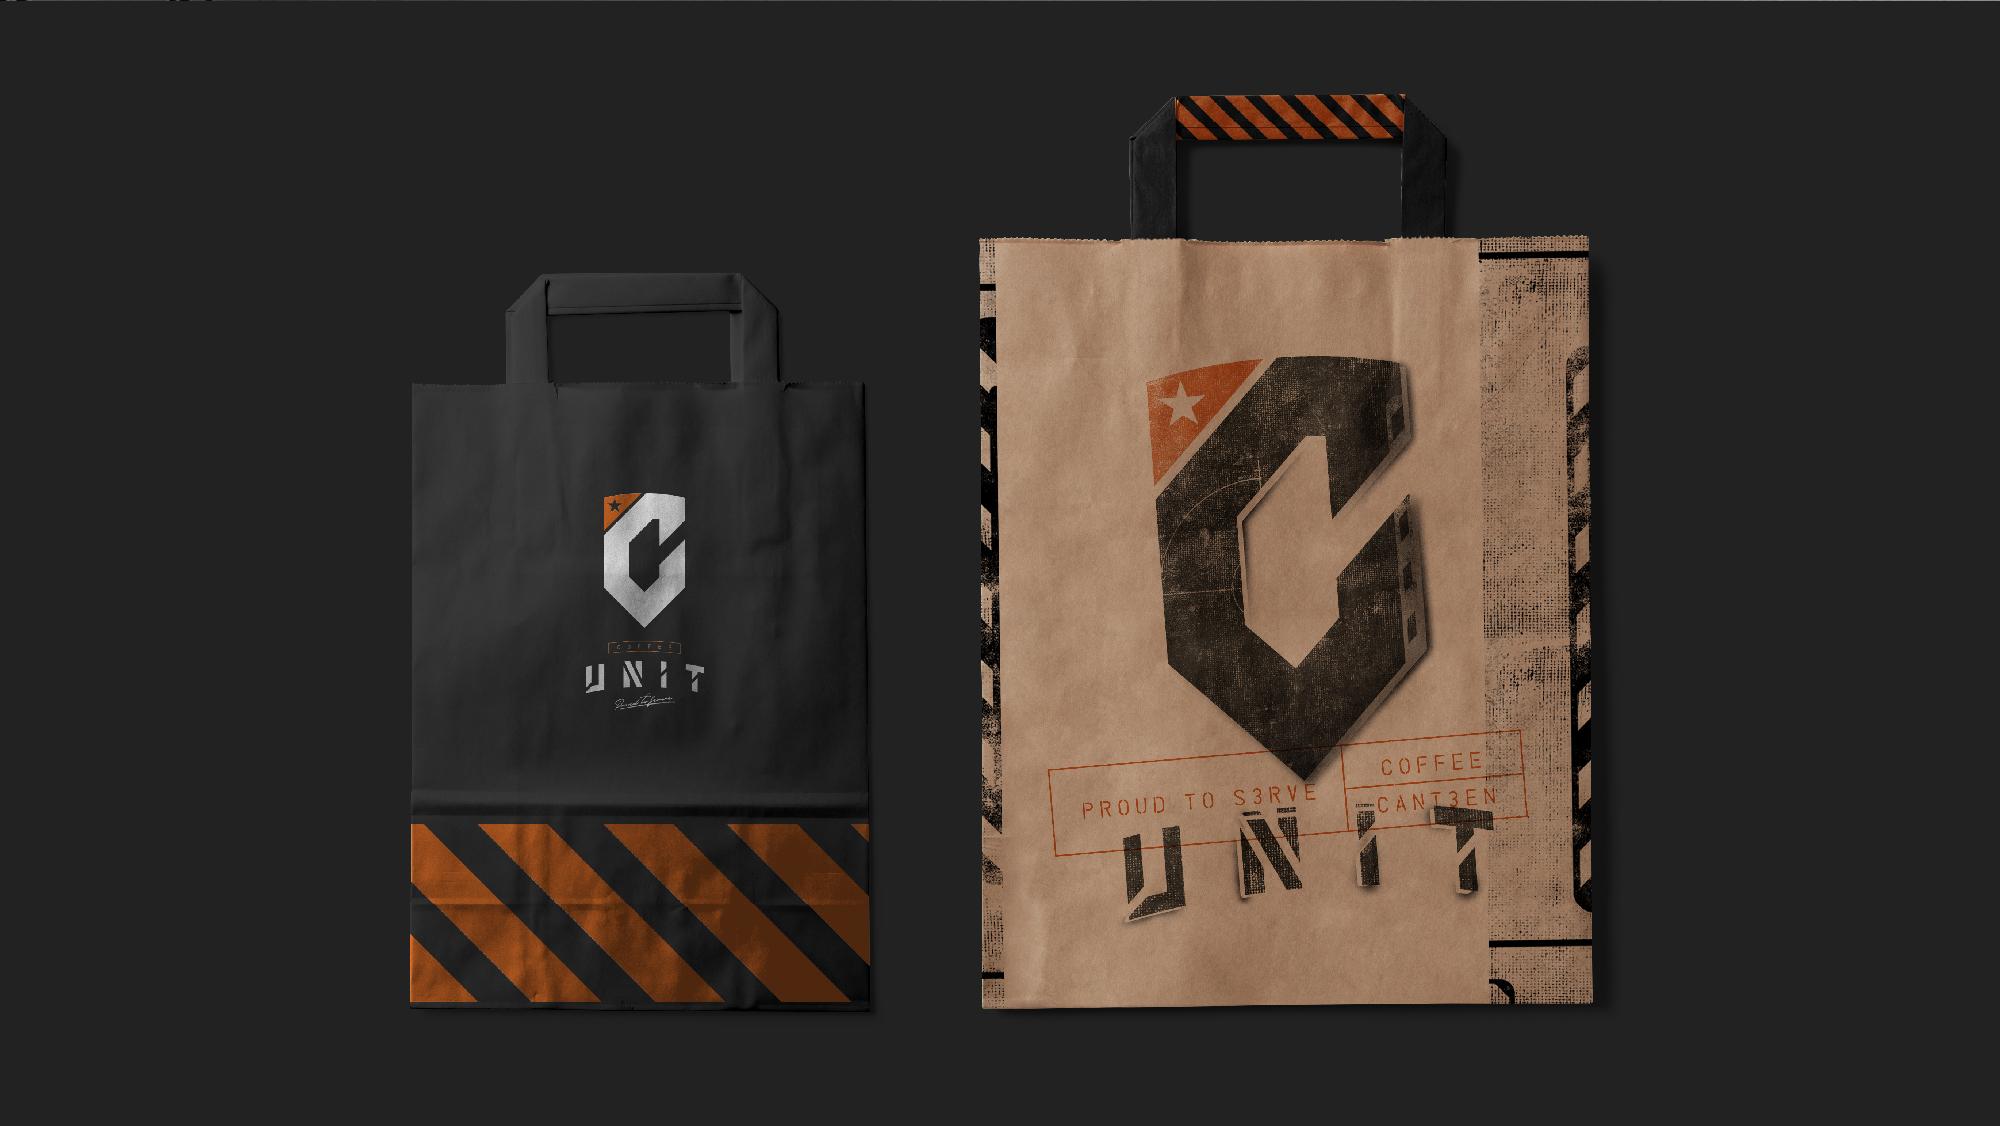 C-Unit-05